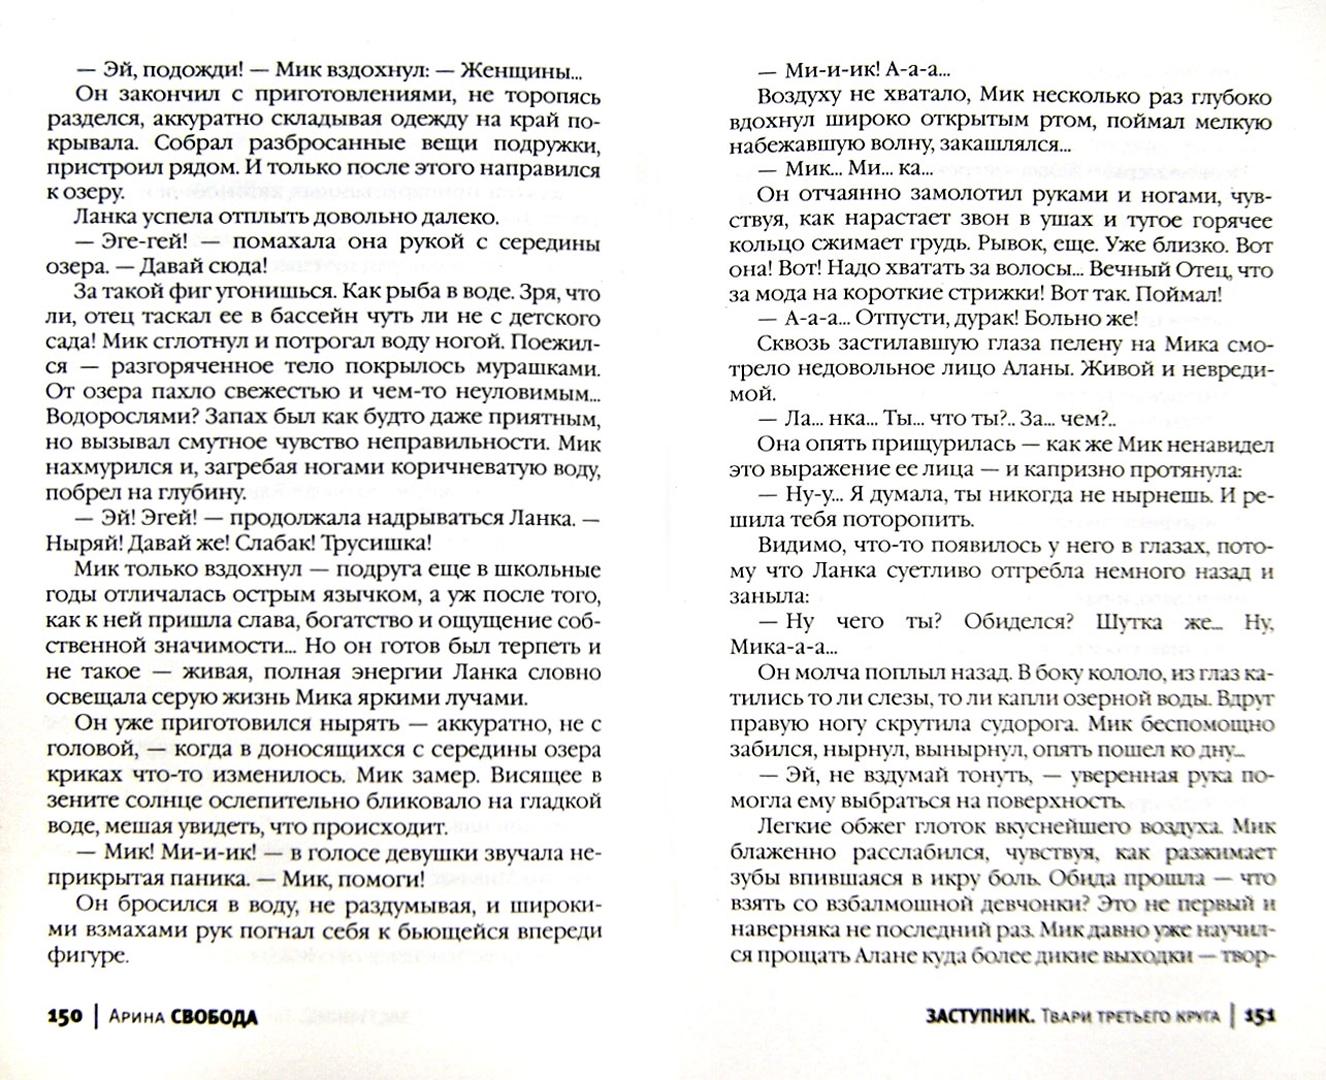 Иллюстрация 1 из 6 для Заступник. Твари третьего круга - Арина Свобода   Лабиринт - книги. Источник: Лабиринт